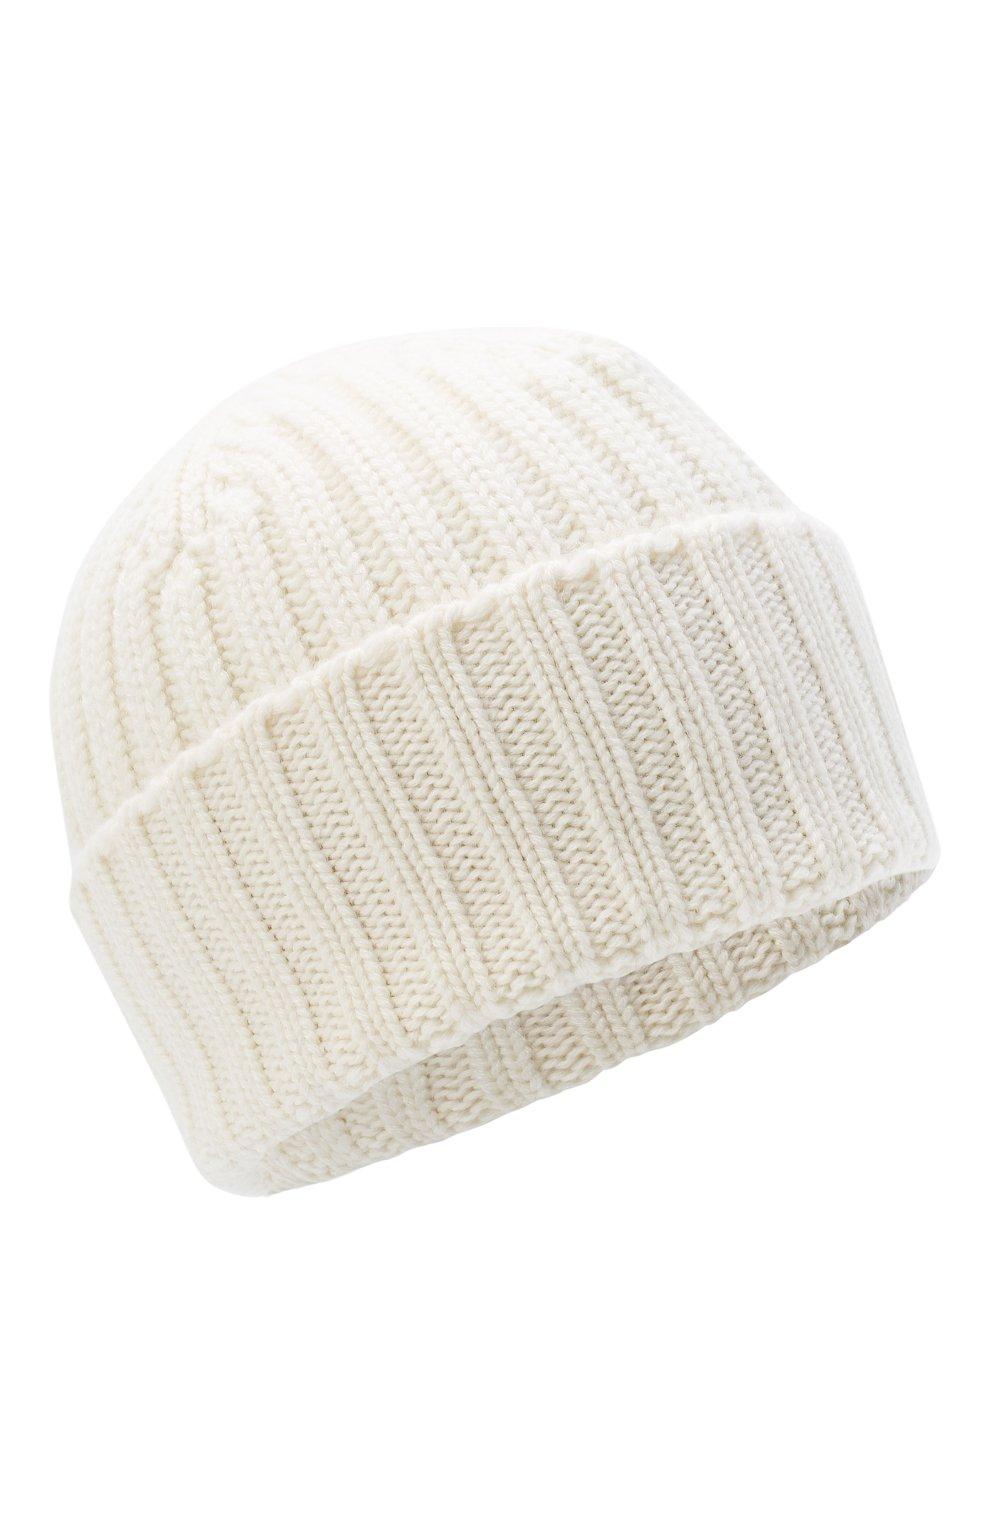 Мужская кашемировая шапка ALLUDE белого цвета, арт. 205/60050 | Фото 1 (Материал: Кашемир, Шерсть; Кросс-КТ: Трикотаж)